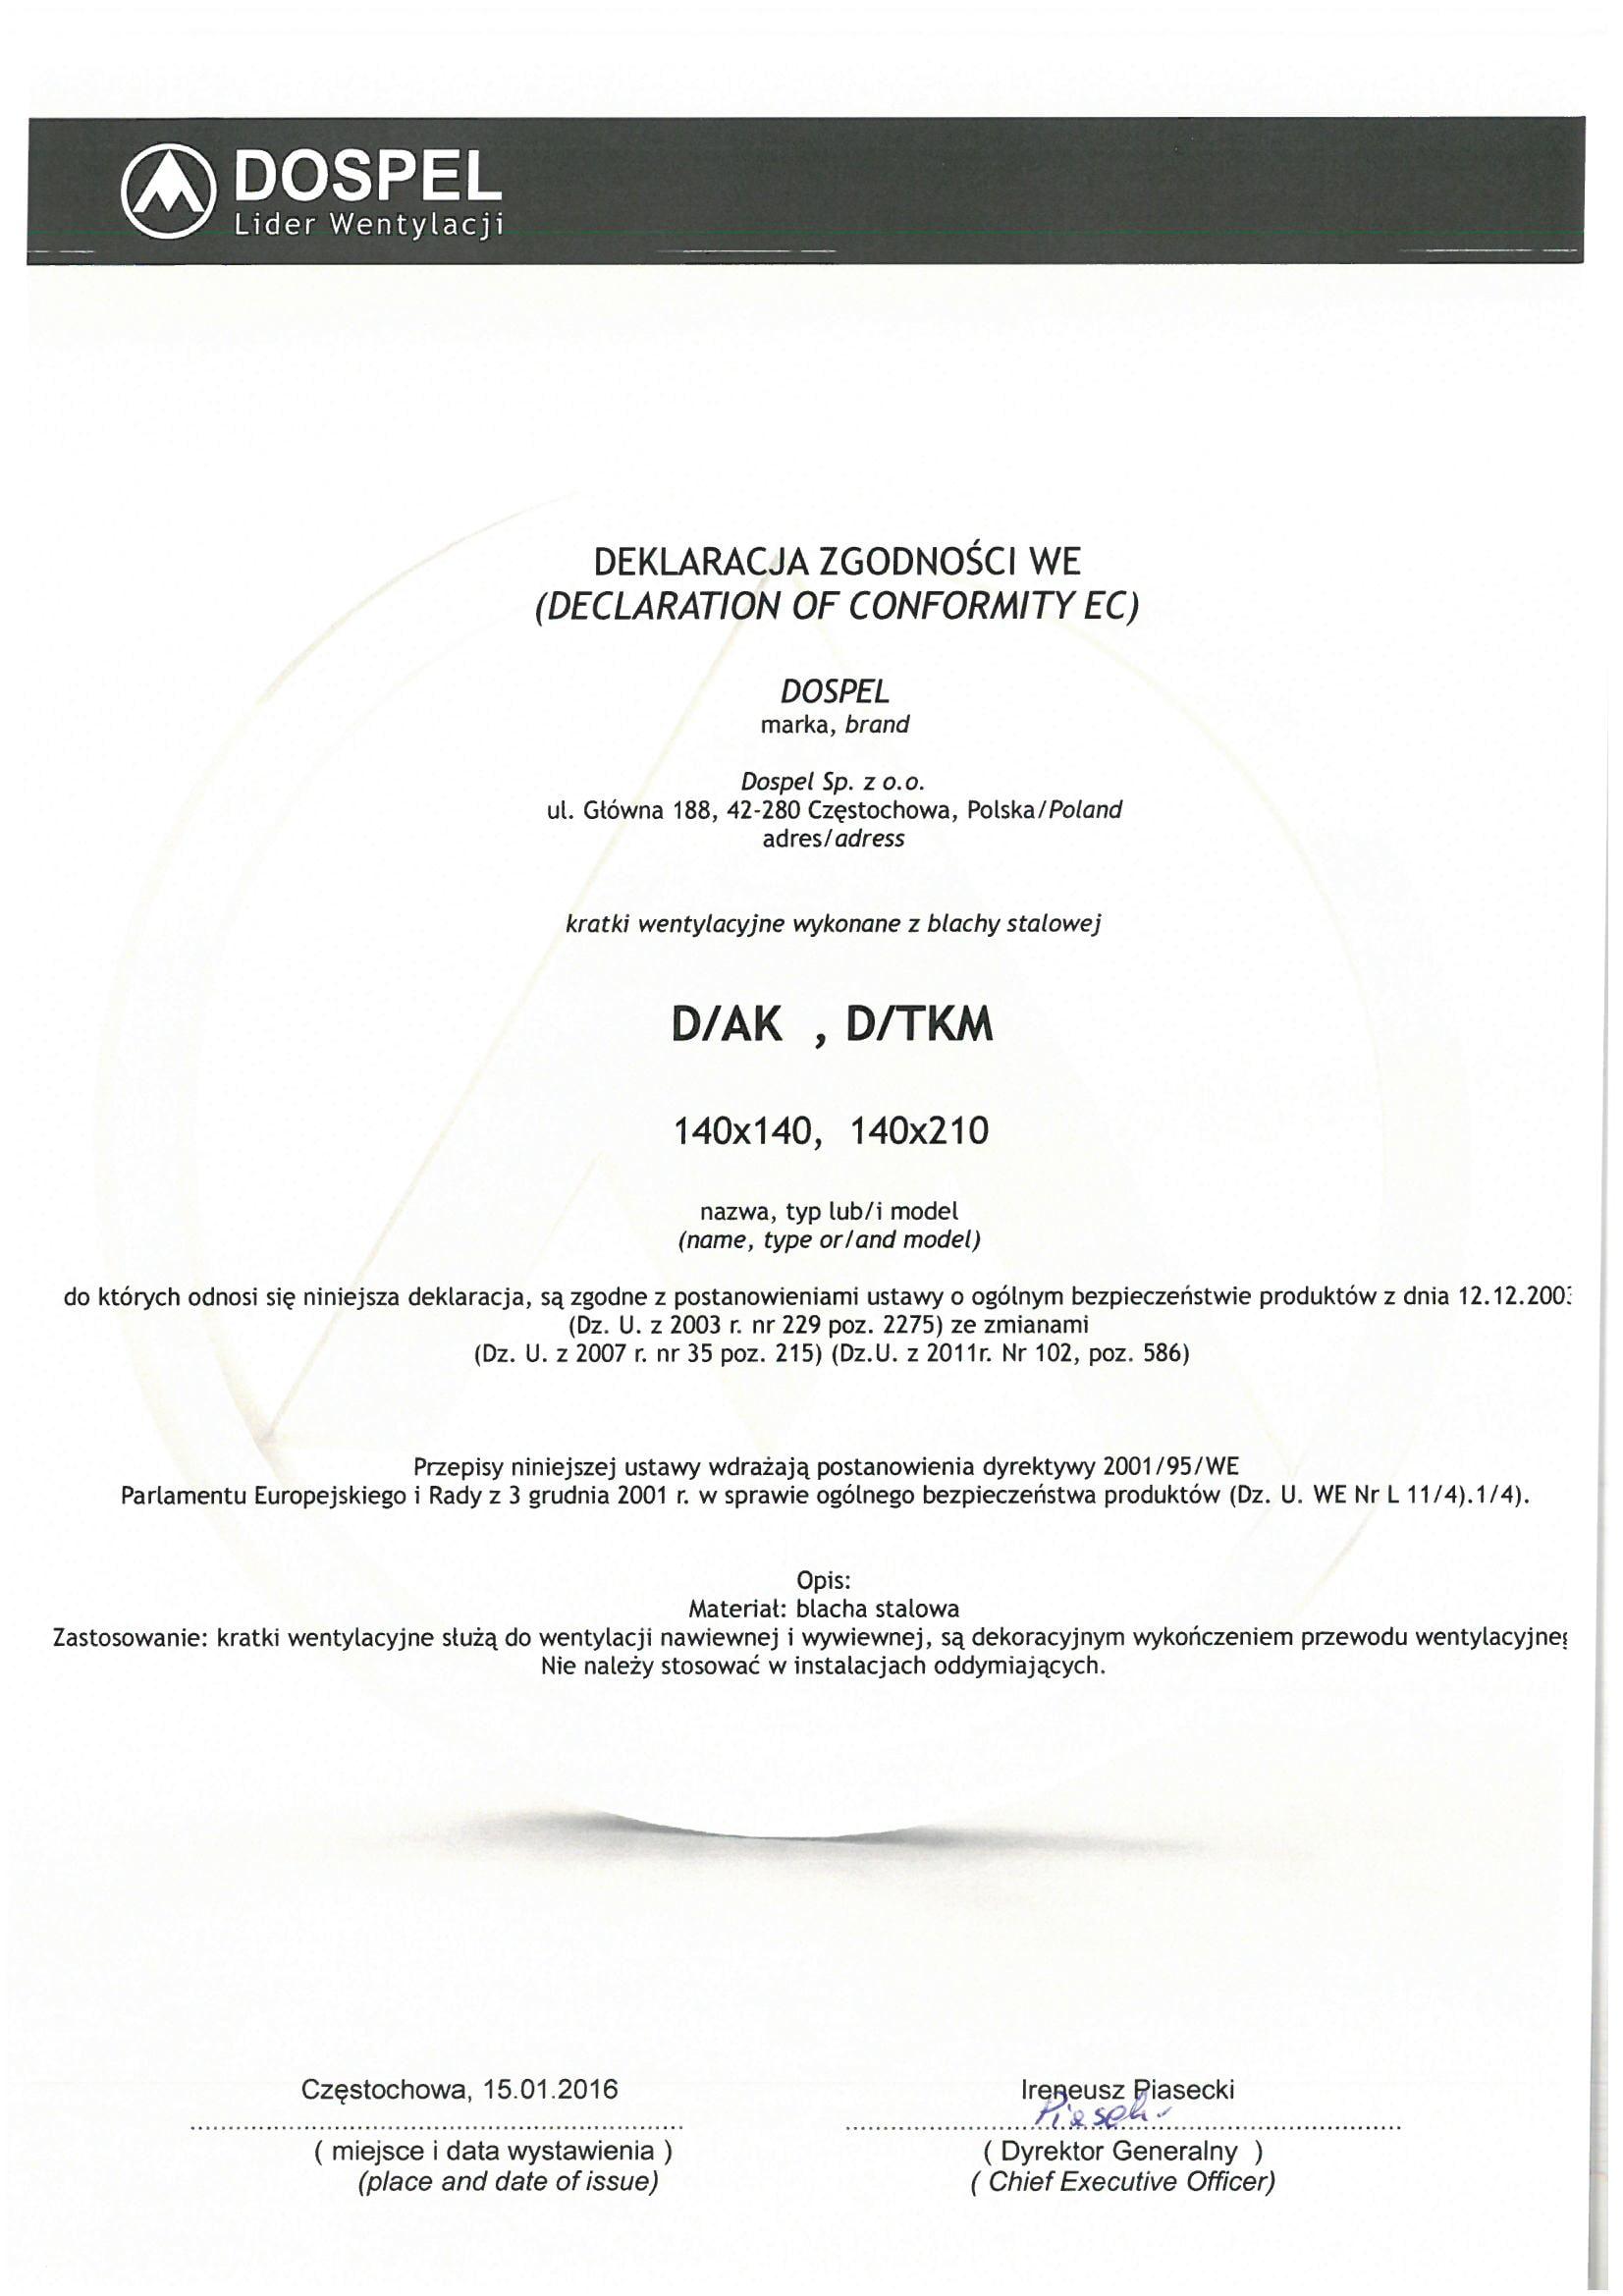 Kratka wentylacyjna stalowa D/AK D/TKM, certyfikat, deklaracja zgodności, producent wentylatorów, Dospel